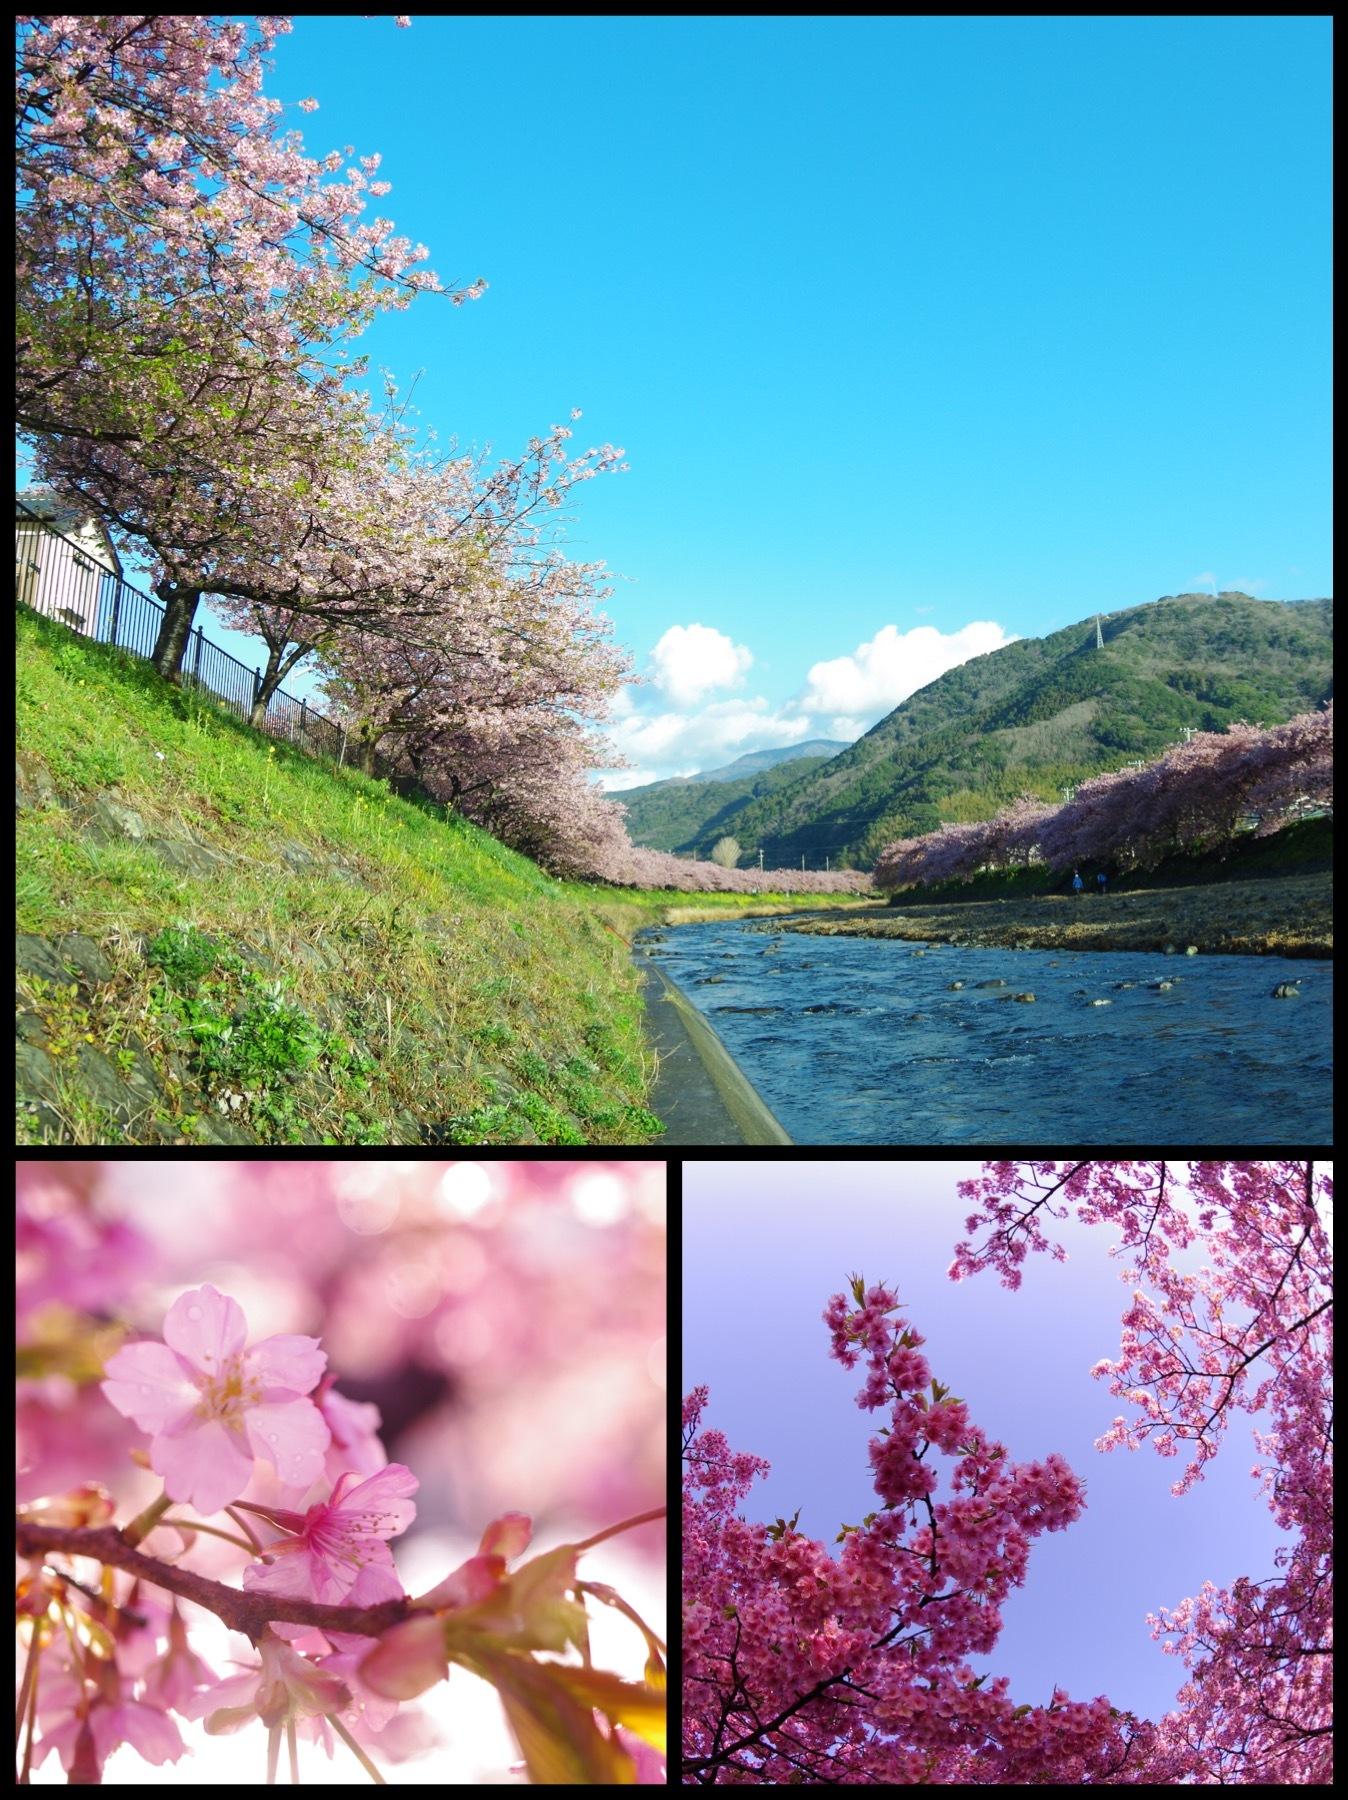 河津桜祭り2020 伊豆河津町